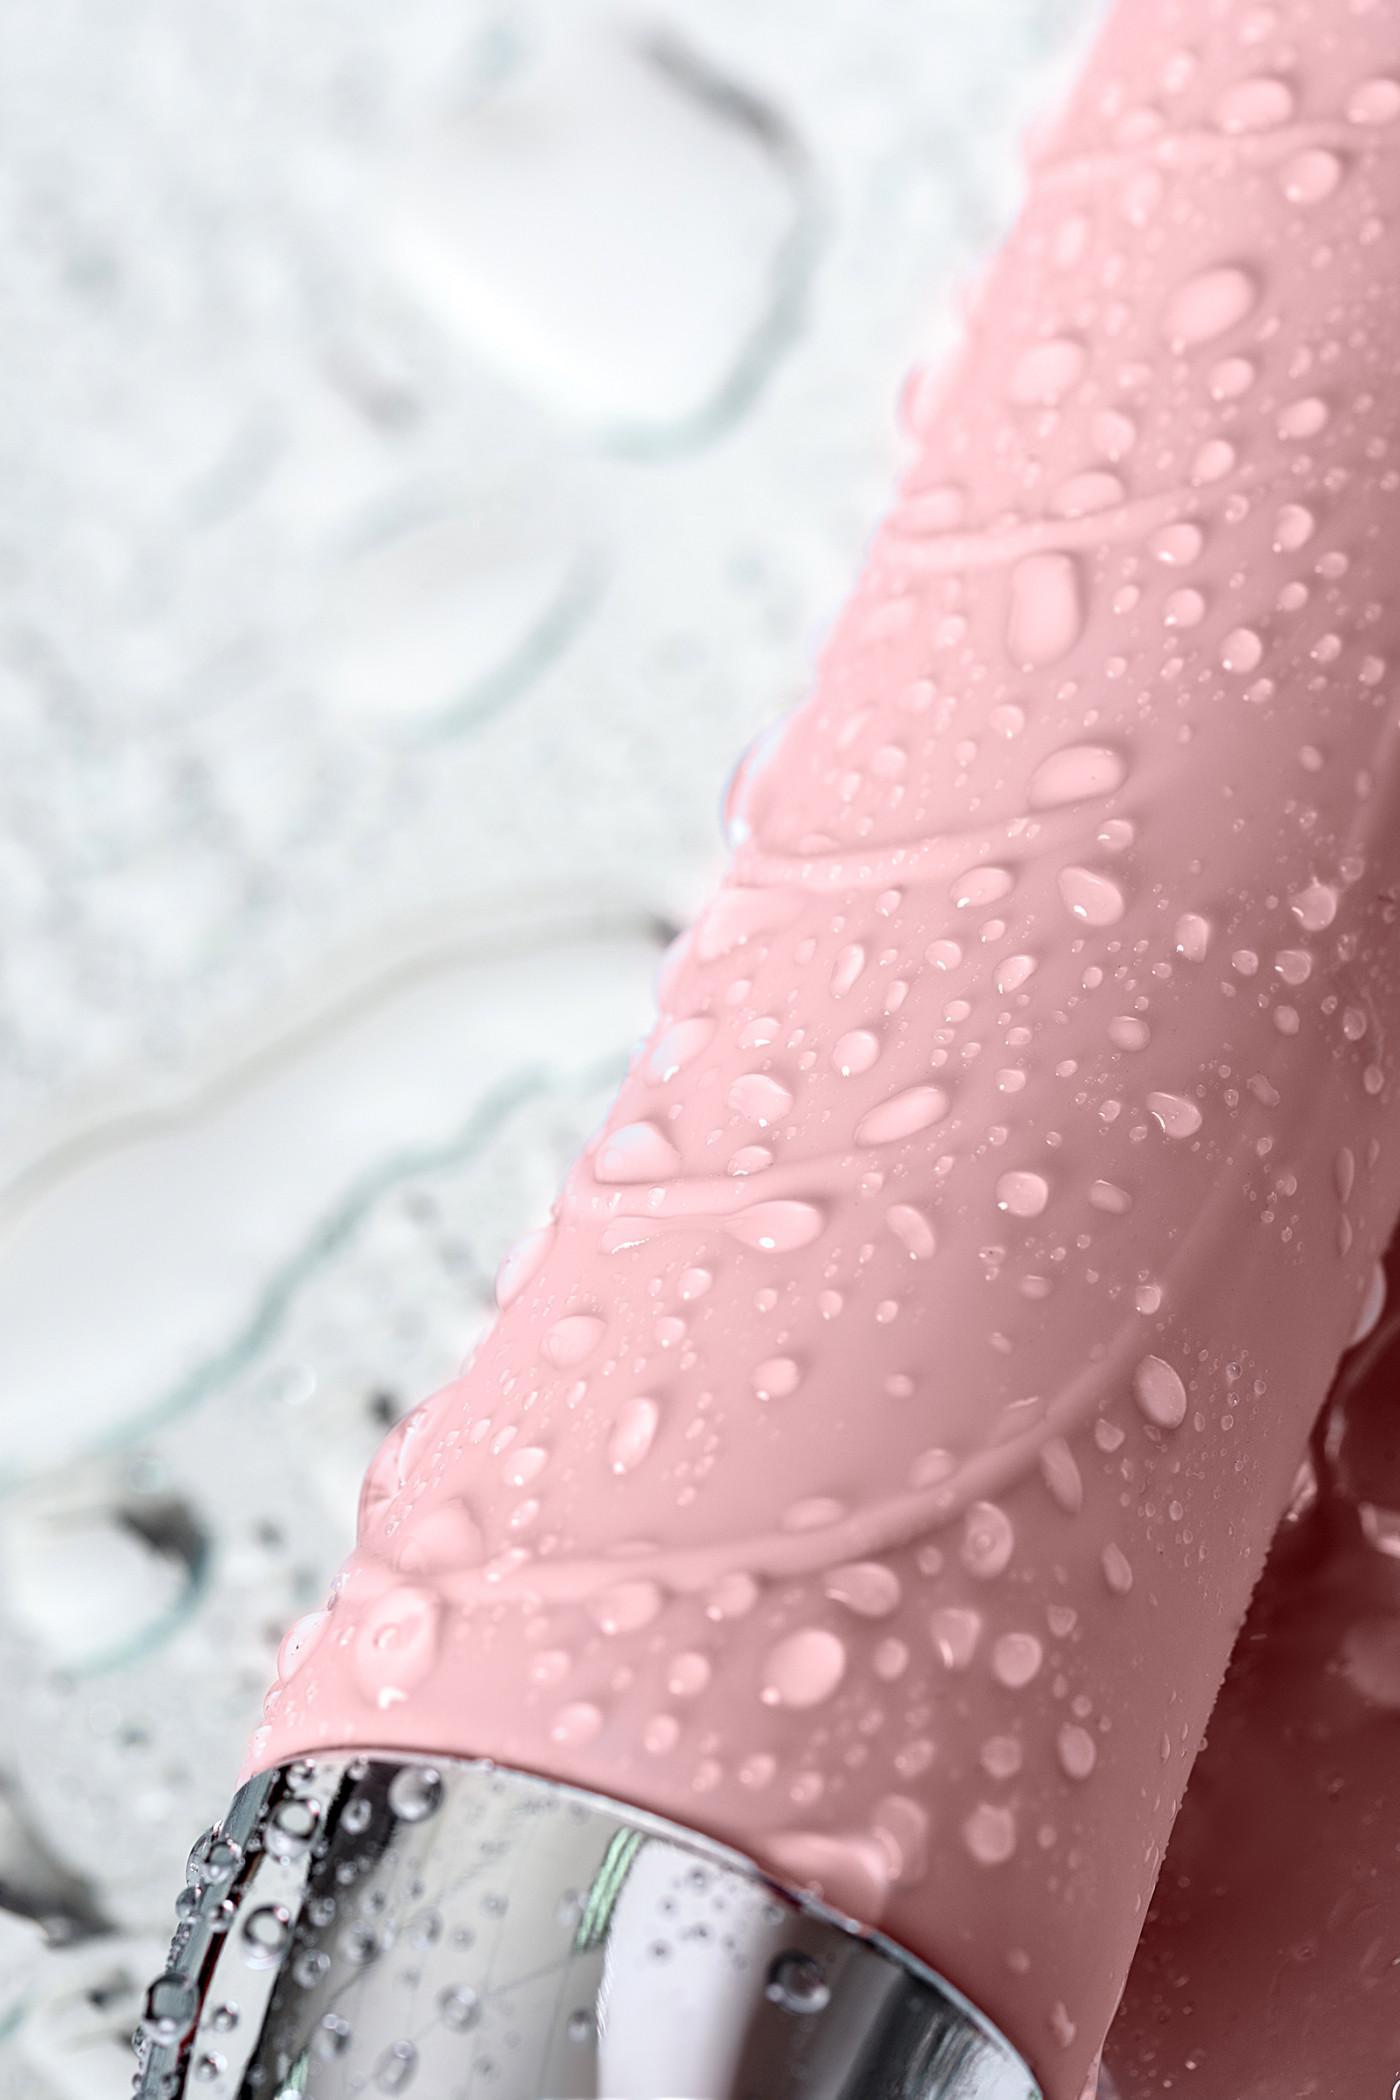 Вибратор с функцией нагрева и пульсирующими шариками PHYSICS FAHRENHEIT, силикон, розовый, 19 см